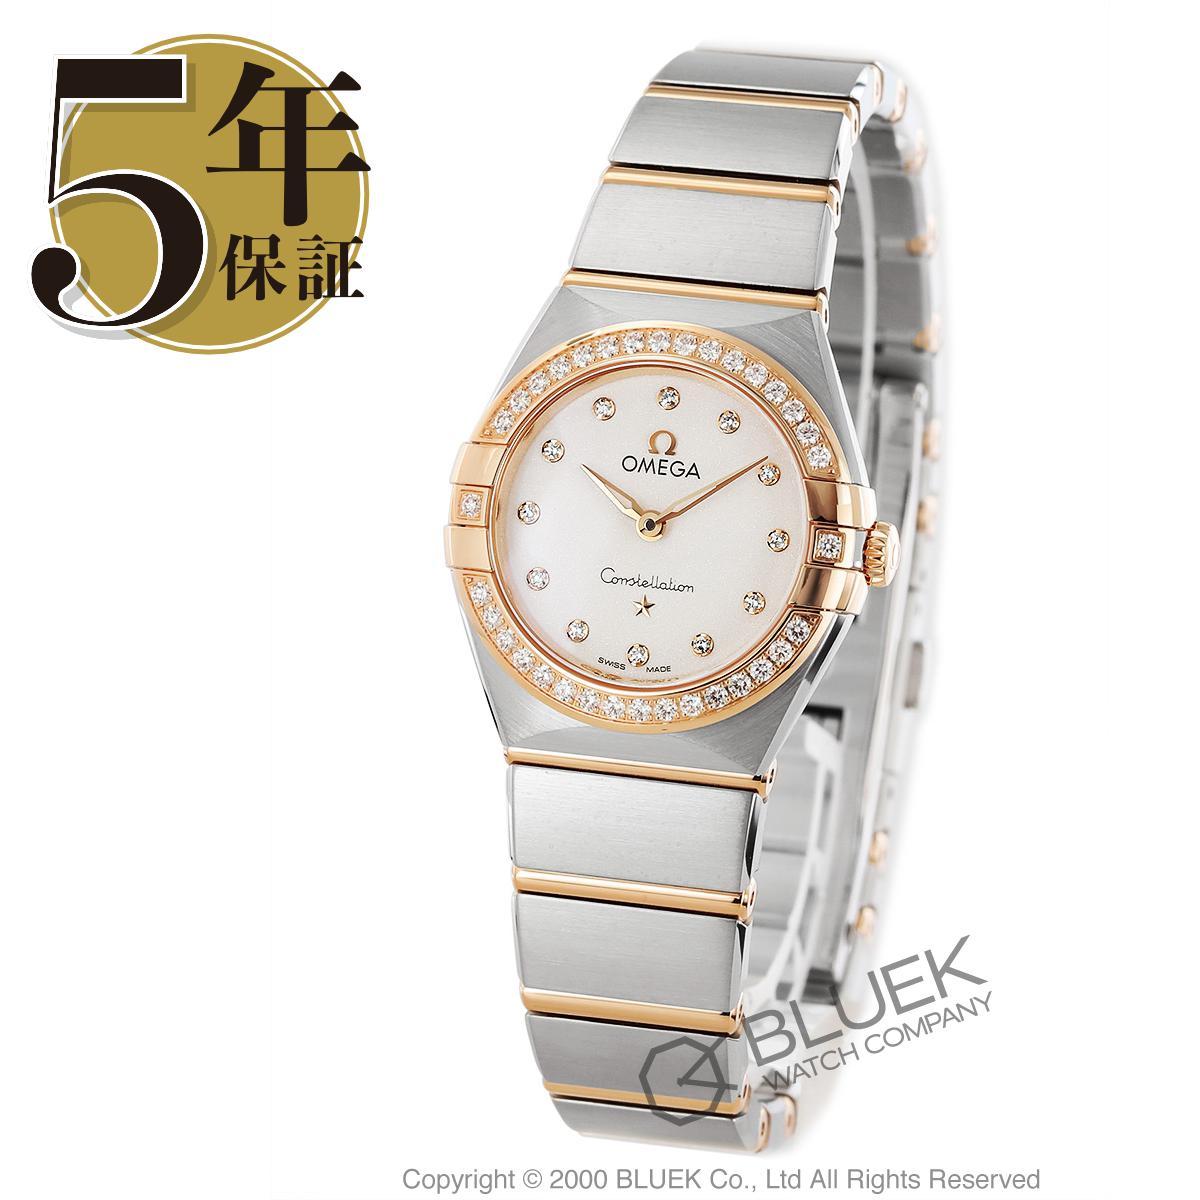 オメガ コンステレーション ブラッシュ マンハッタン ダイヤ 腕時計 レディース OMEGA 131.25.25.60.52.001_5